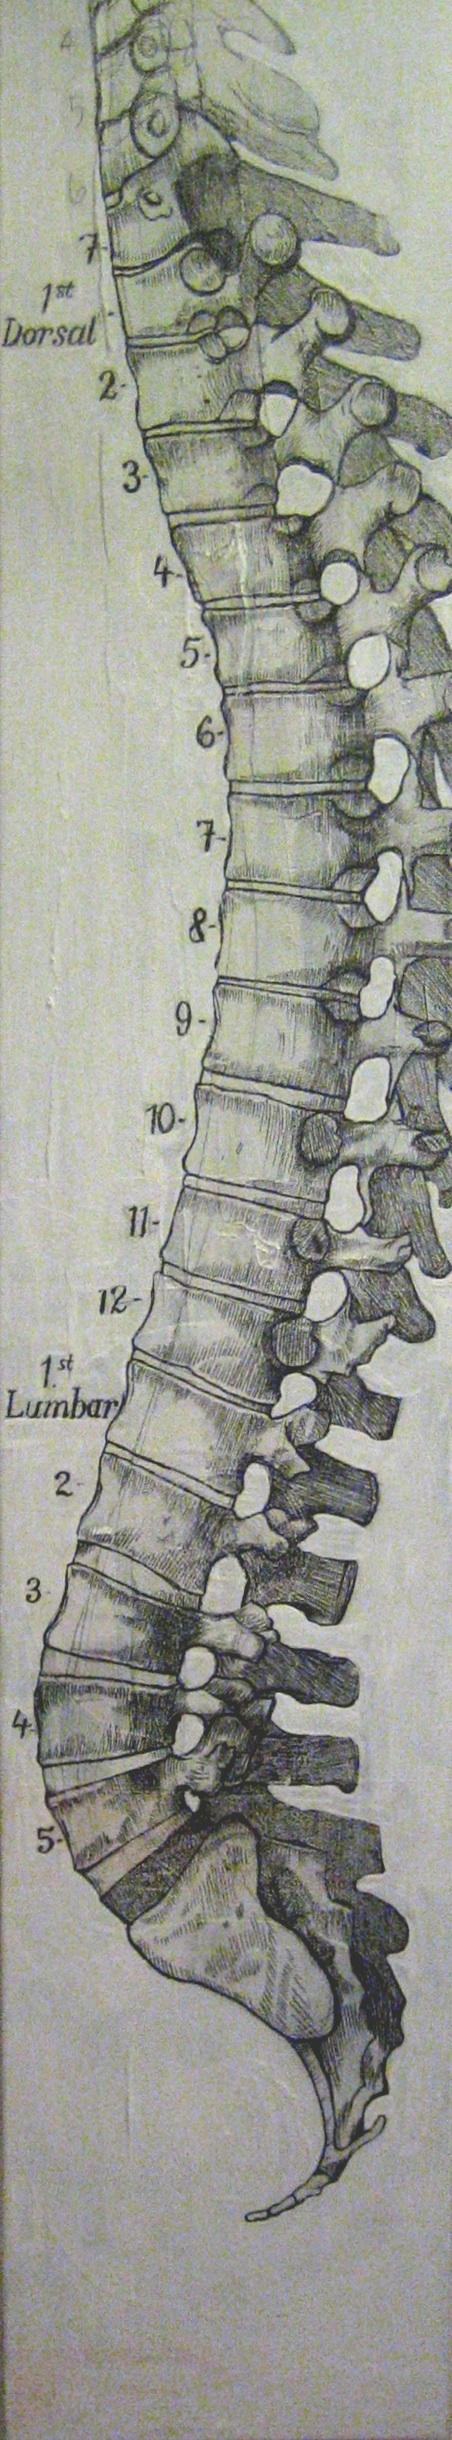 Full Spine